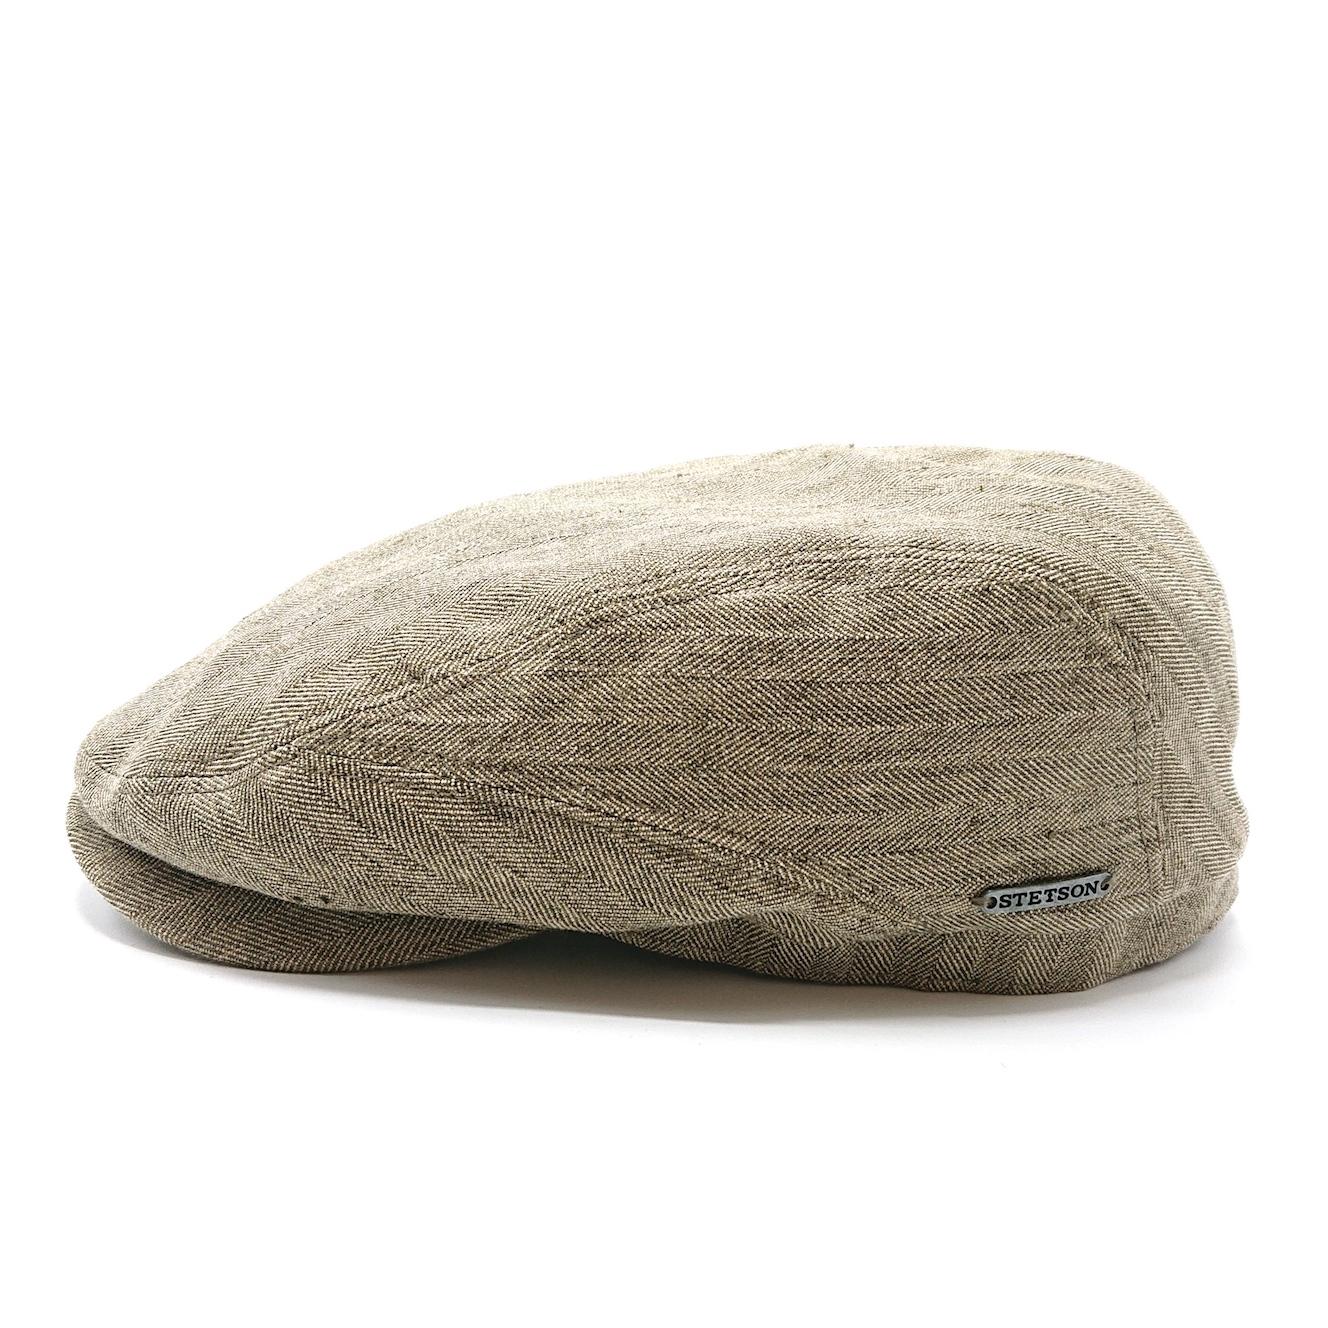 Stetson Driver Cap Cotton/Linen Olive